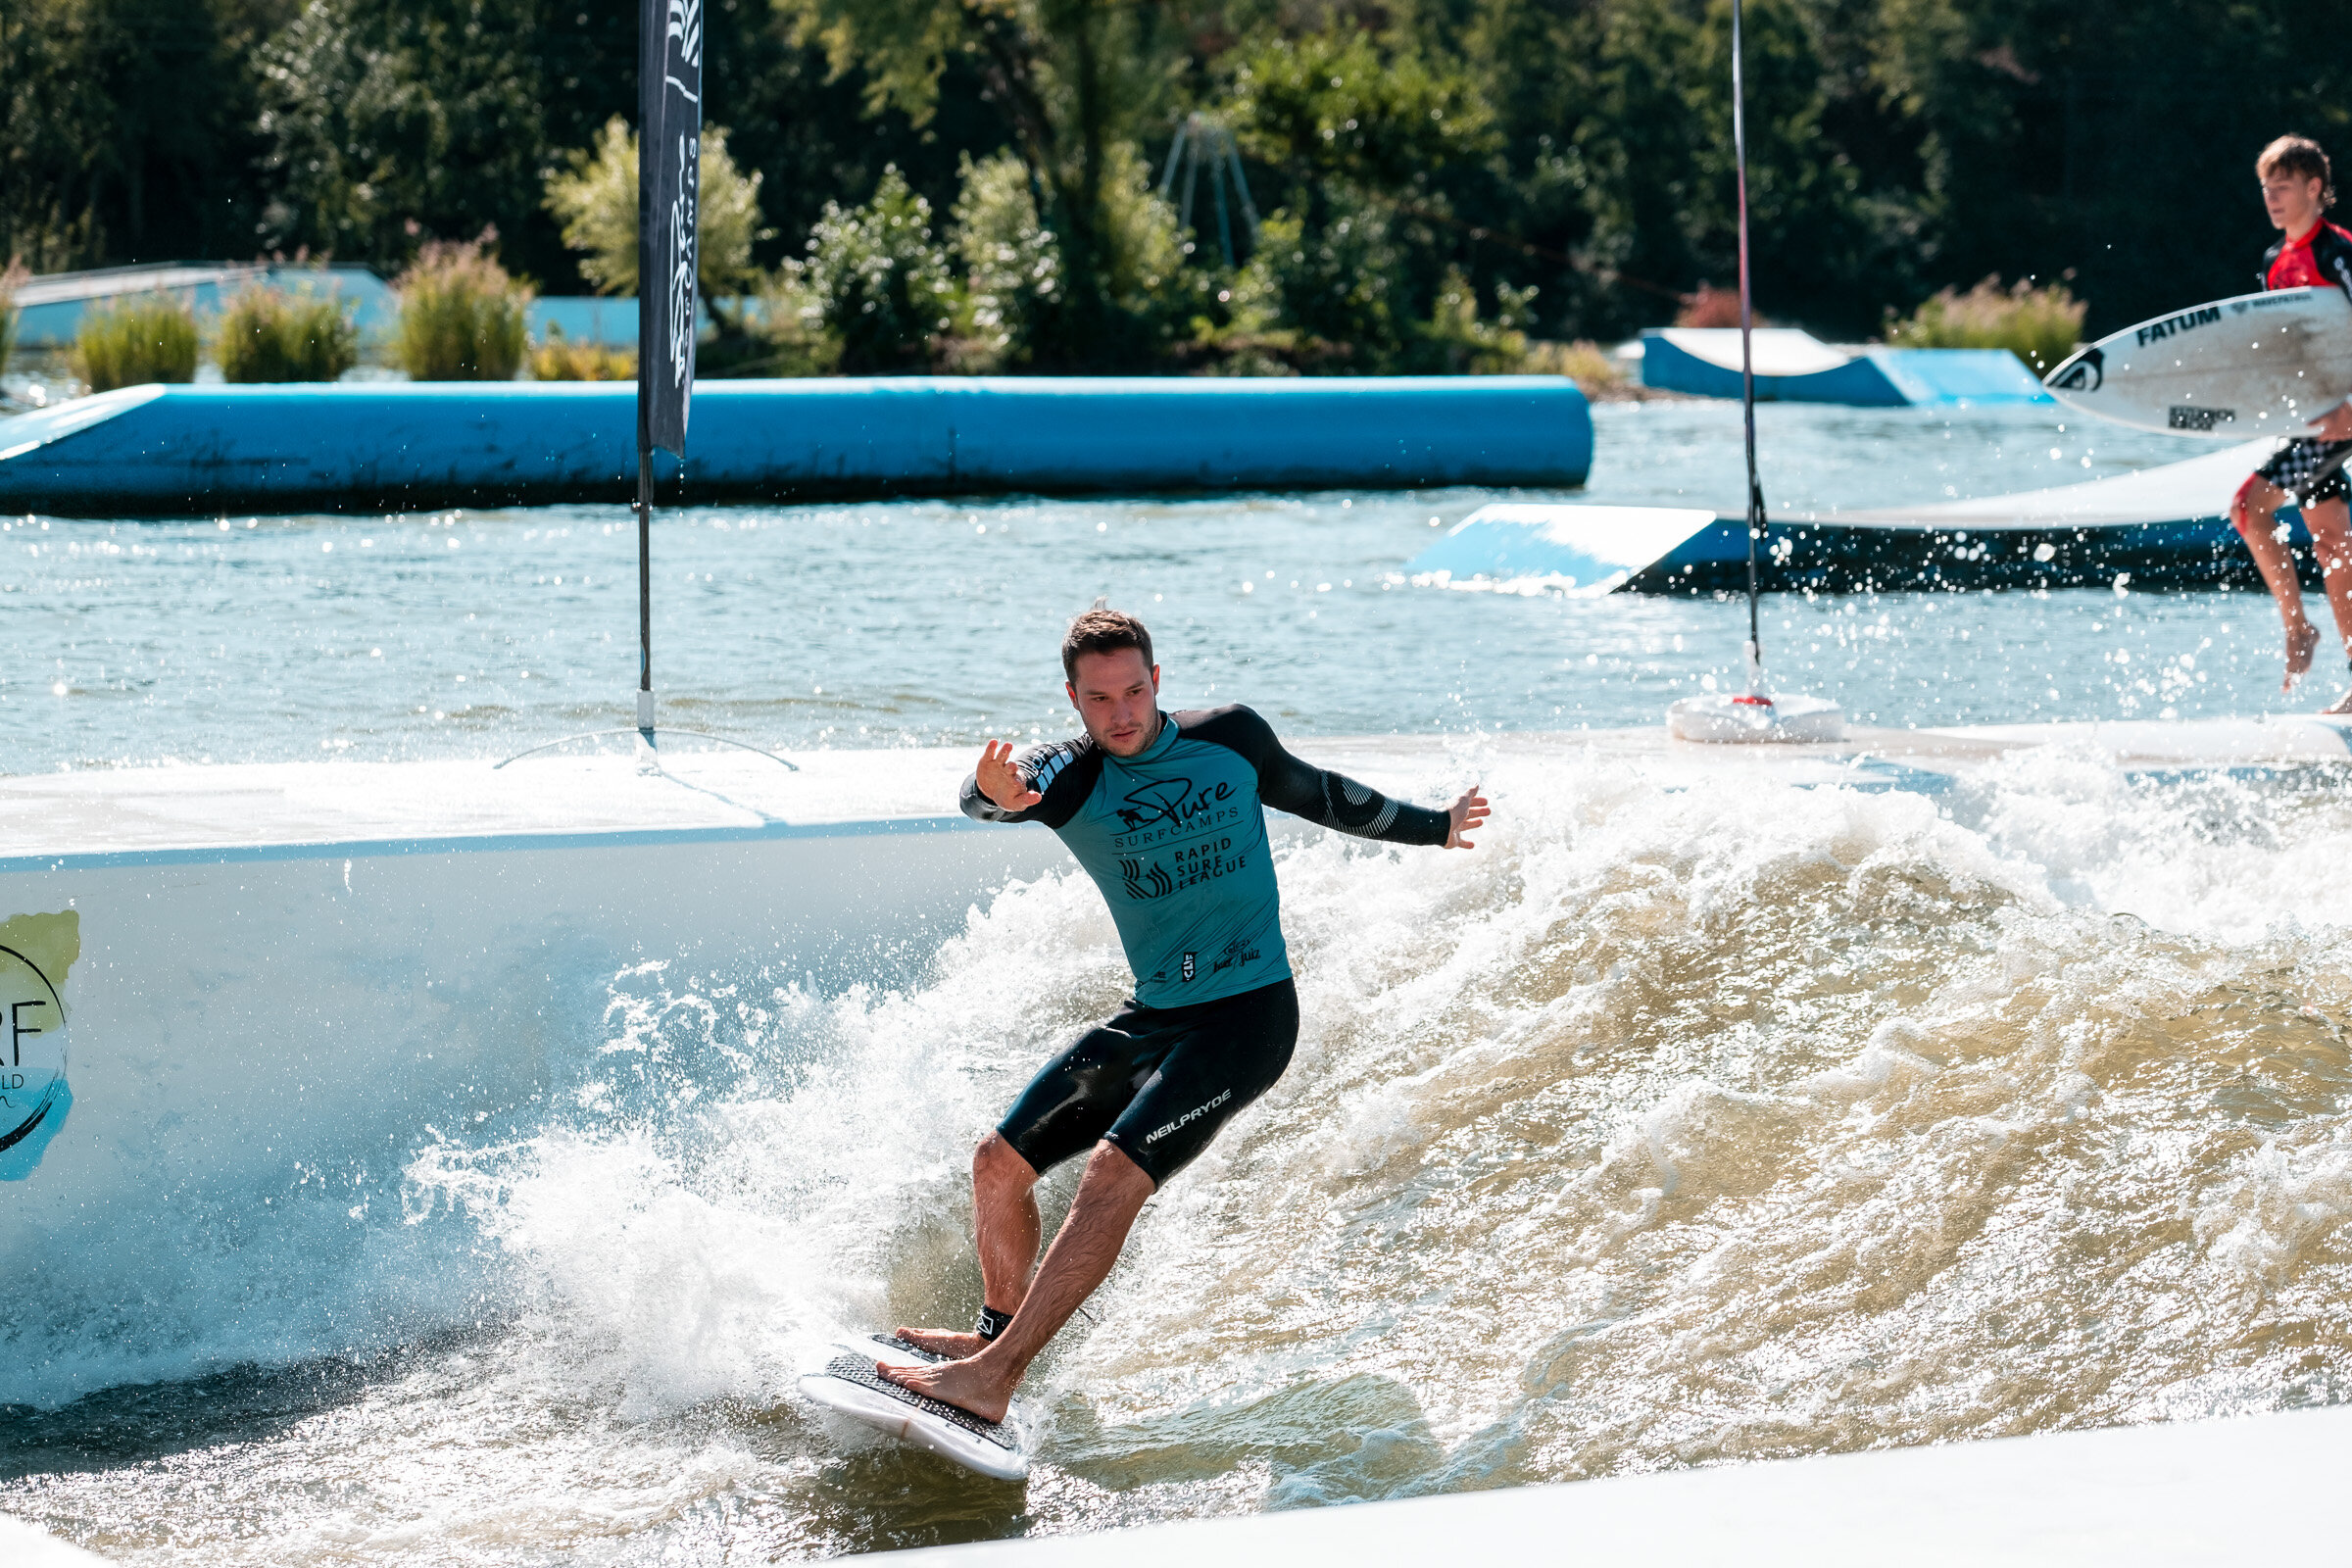 rapid-surf-contest-derKristof-4.jpg